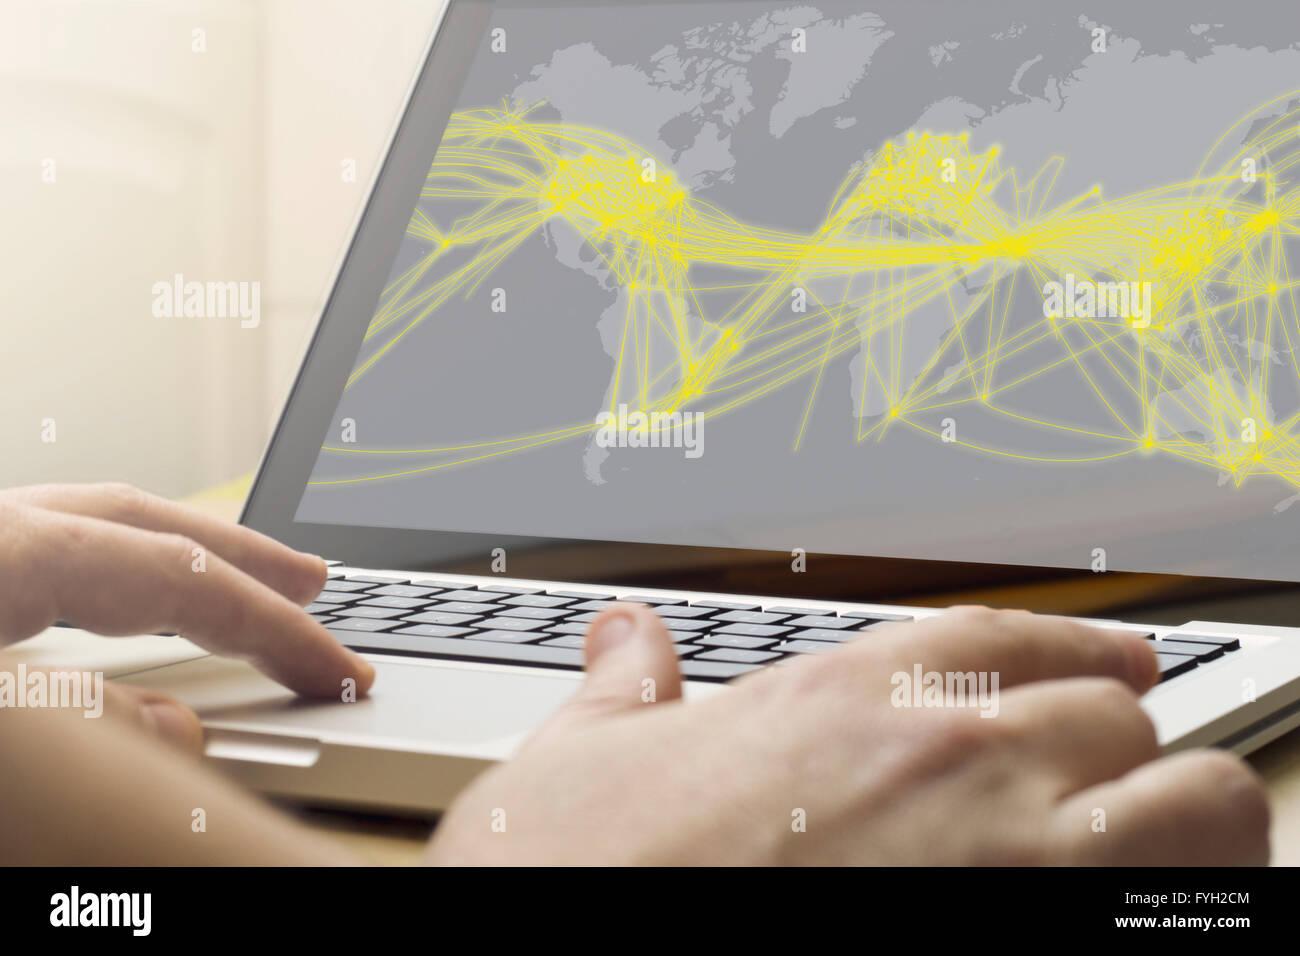 Collegamento mondiale concetto: uomo utilizzando laptop con connessione mondiale mappa sullo schermo Immagini Stock